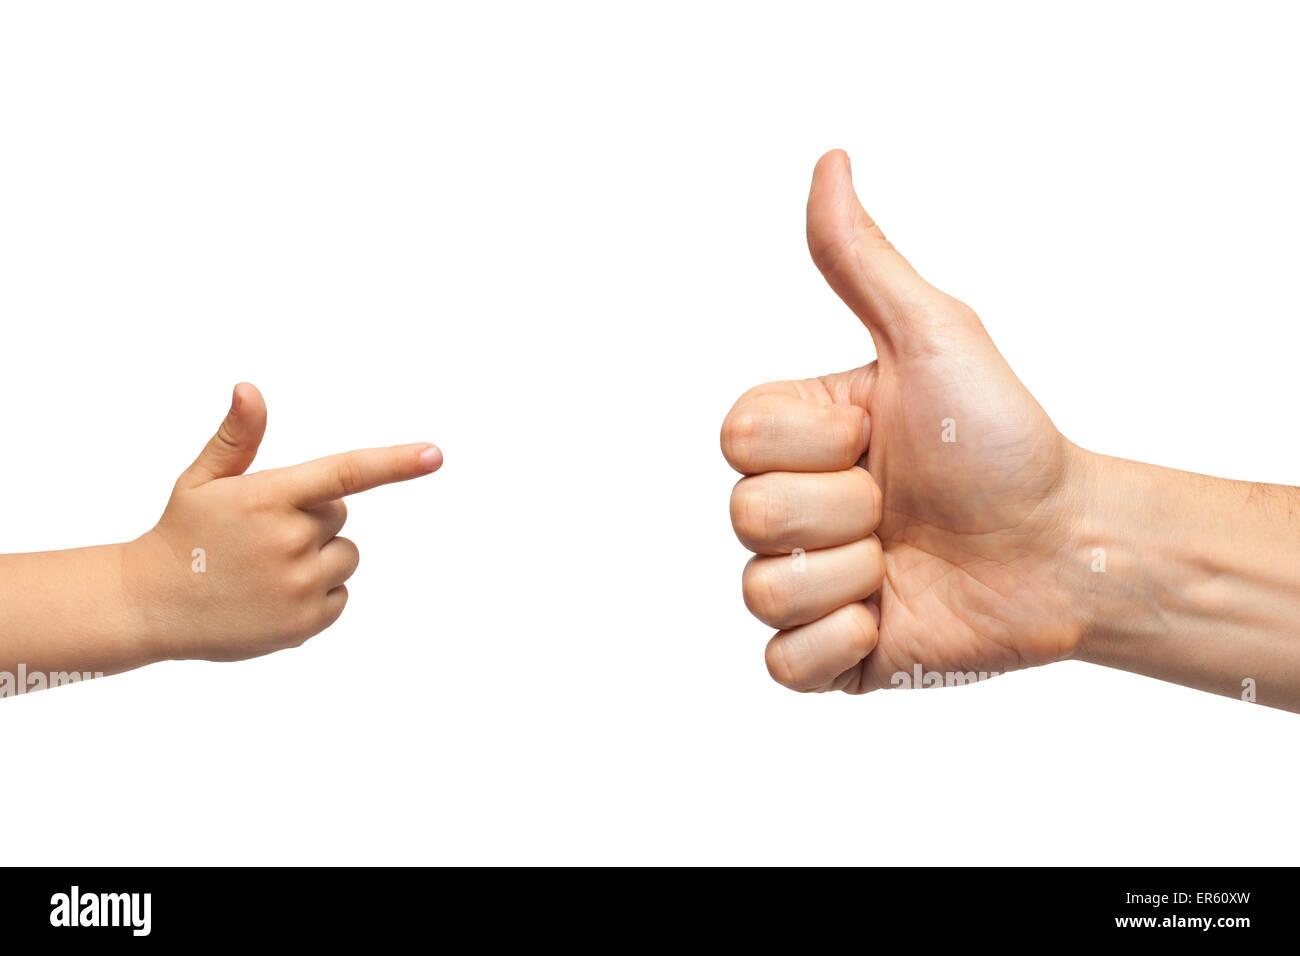 Vater und Sohn Hände wie geben und zeigen, oder Pistole Geste auf weißem Hintergrund. Isoliert Stockbild